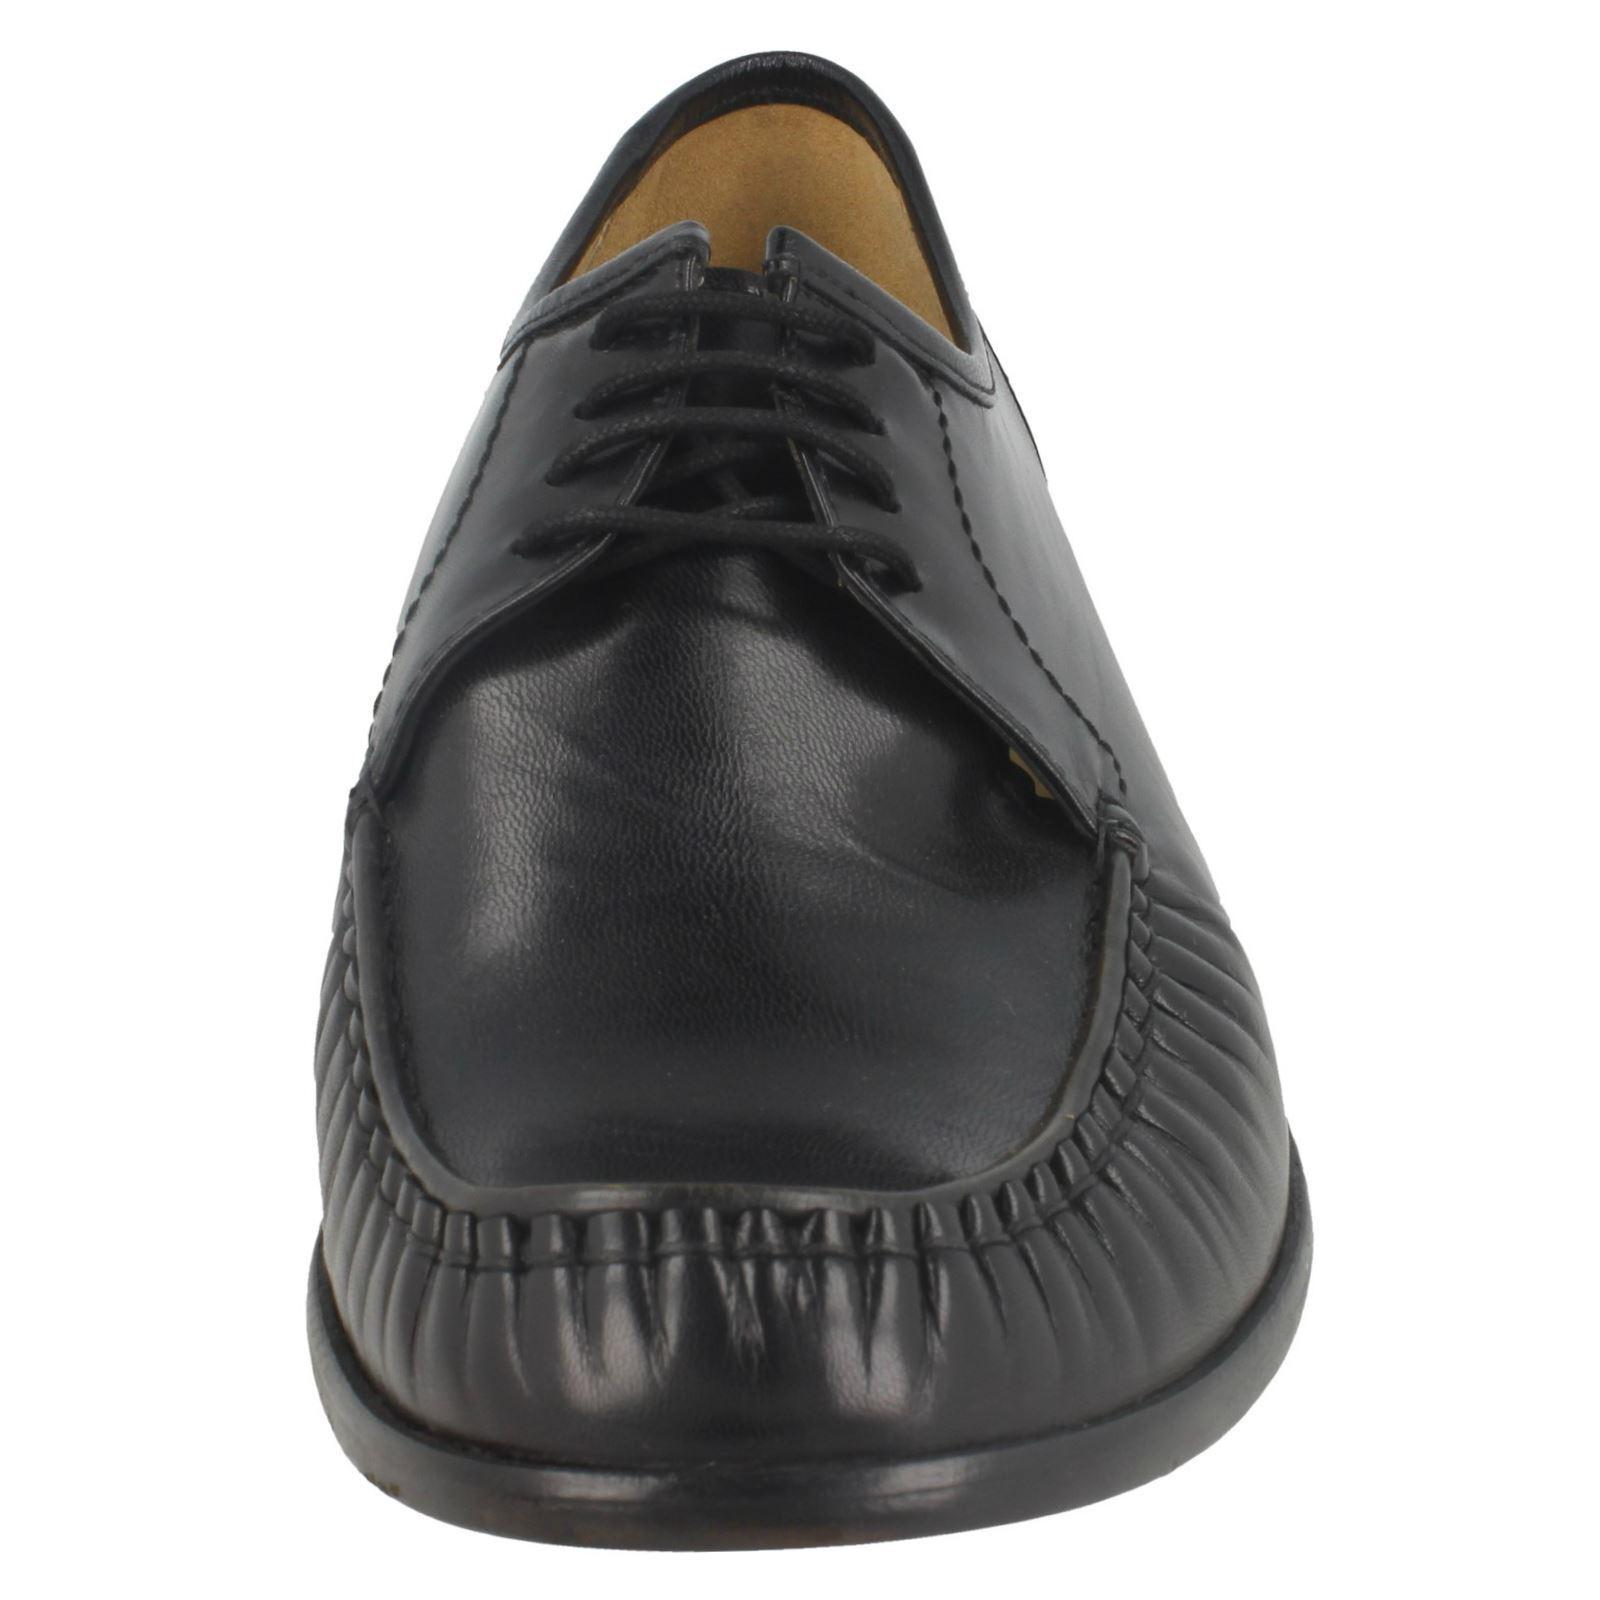 Thomas Blunt Crewe da uomo, in pelle stile mocassino con lacci Scarpe classiche da uomo